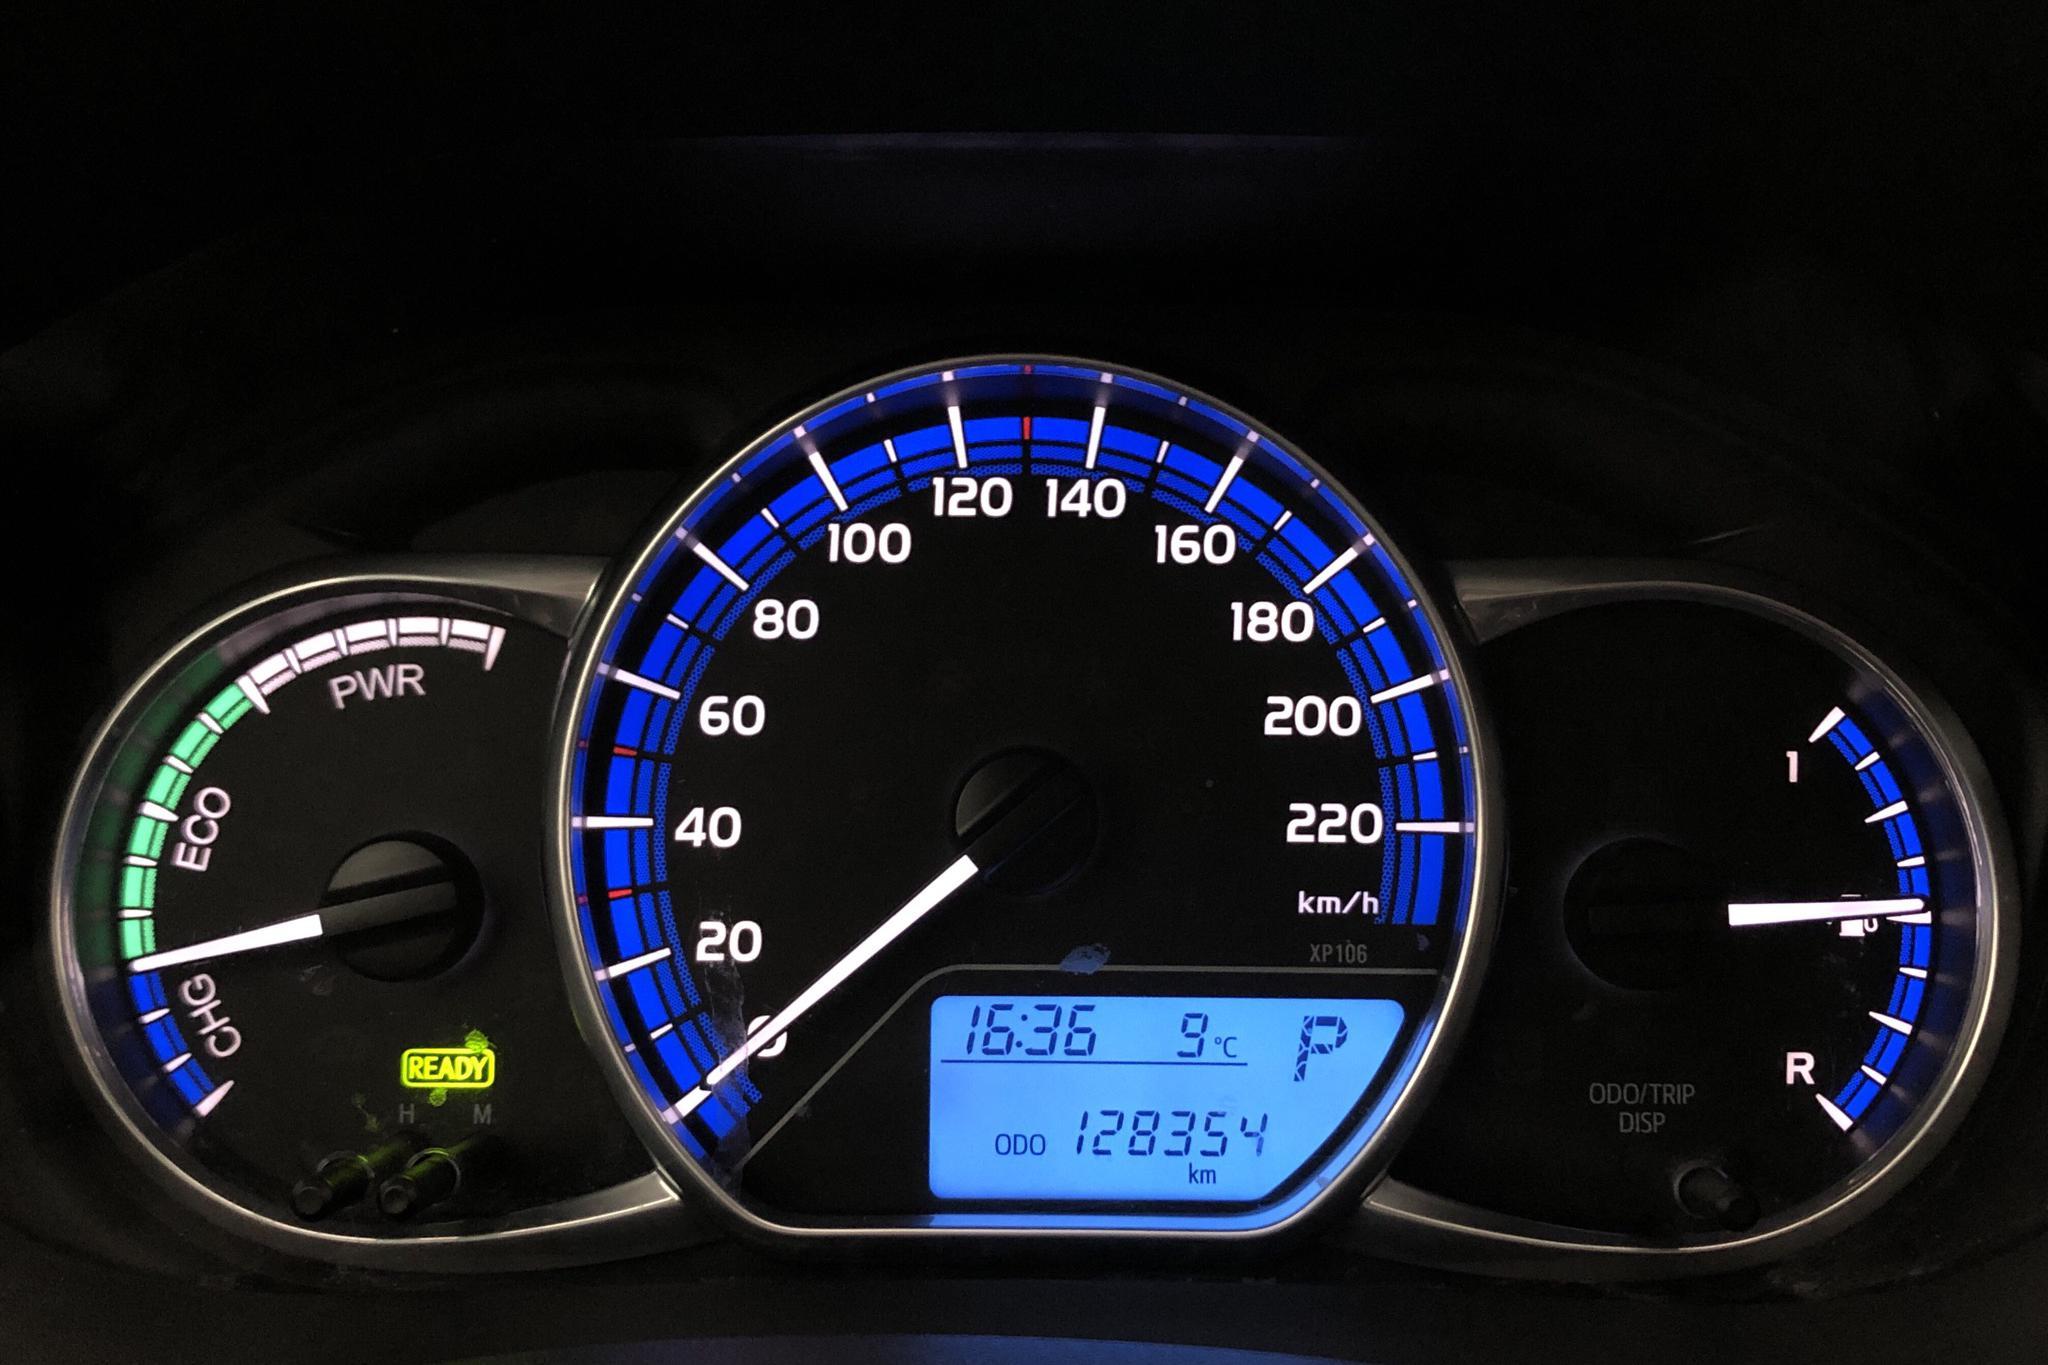 Toyota Yaris 1.5 HSD 5dr (75hk) - 128 350 km - Automatic - white - 2015